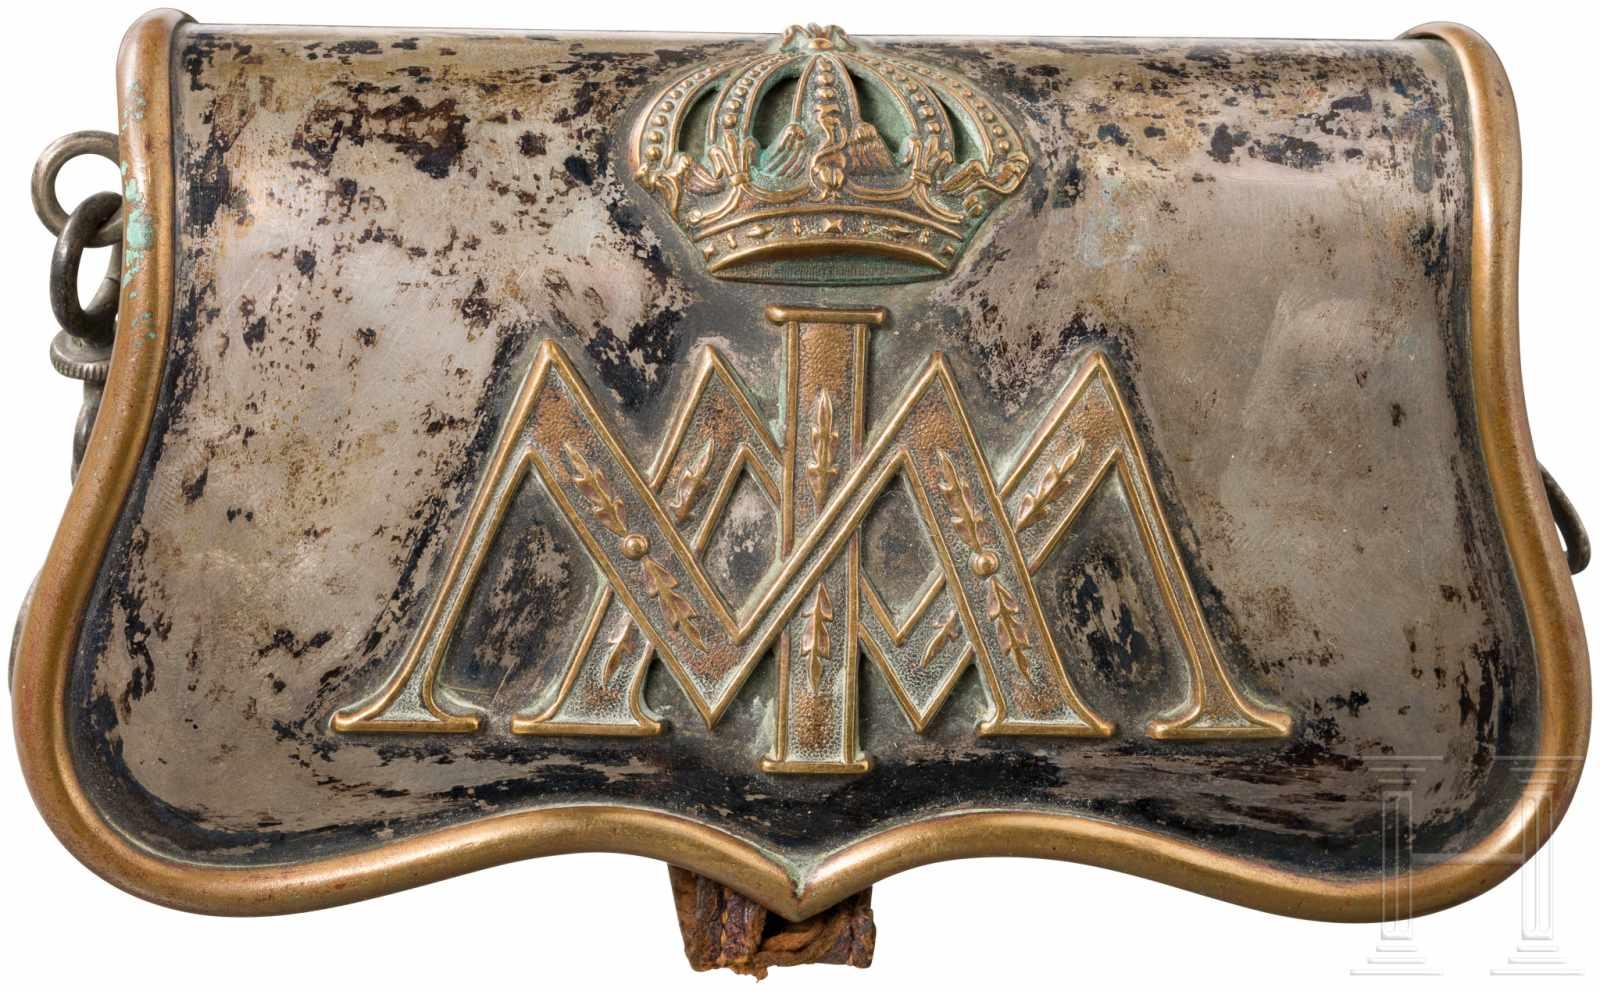 Lot 4174 - Kartuschkasten in Offiziersausführung der Palastgarde unter Kaiser Maximilian I. von Mexiko,